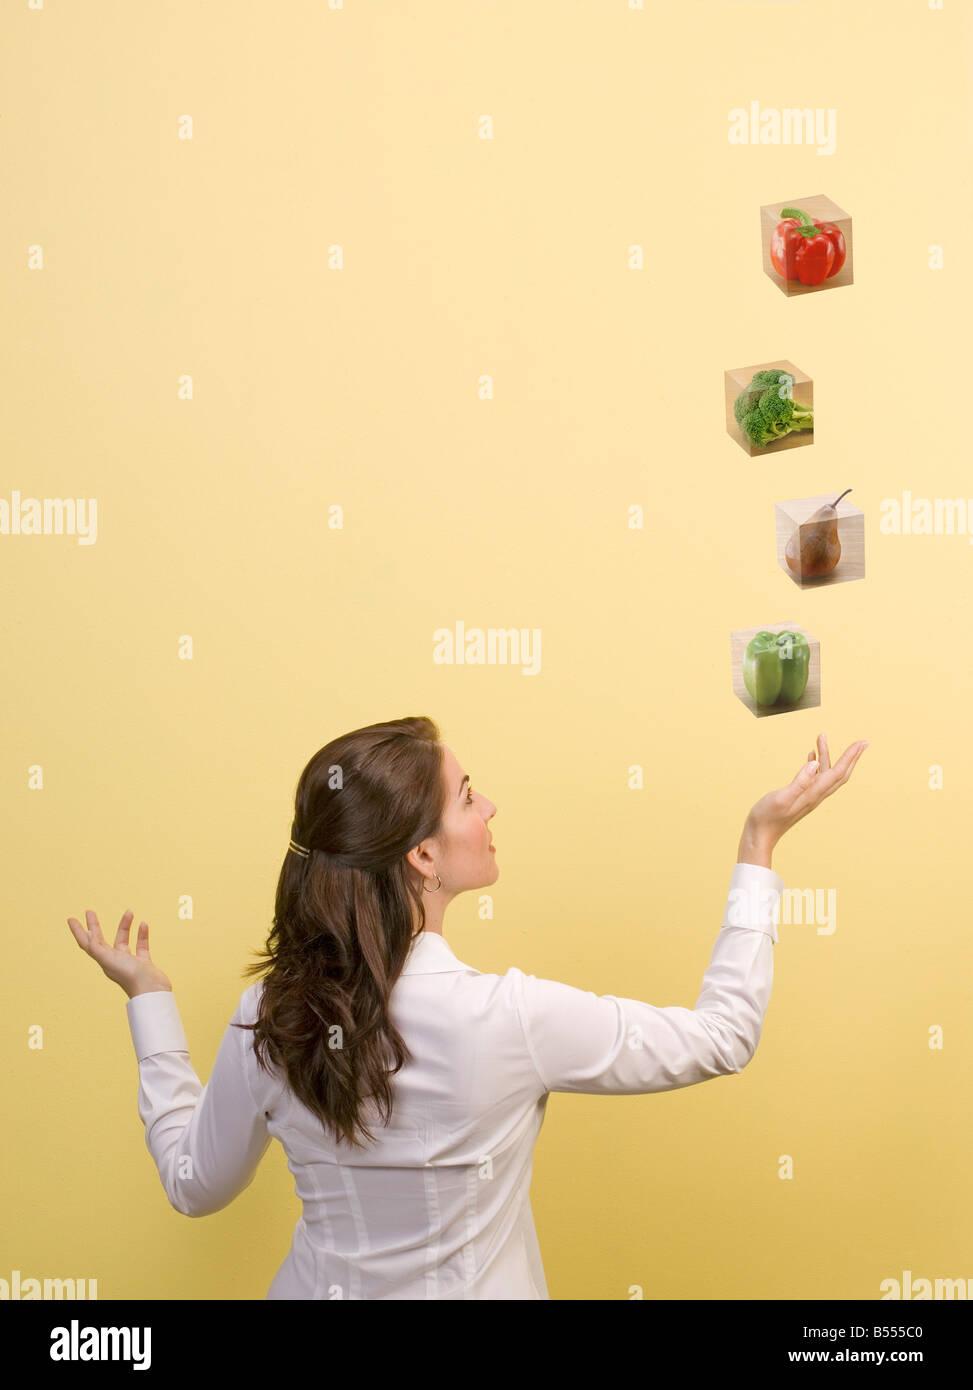 Femme s'agite dans l'air des blocs alimentaires alimentation nutrition manger santé Photo Stock